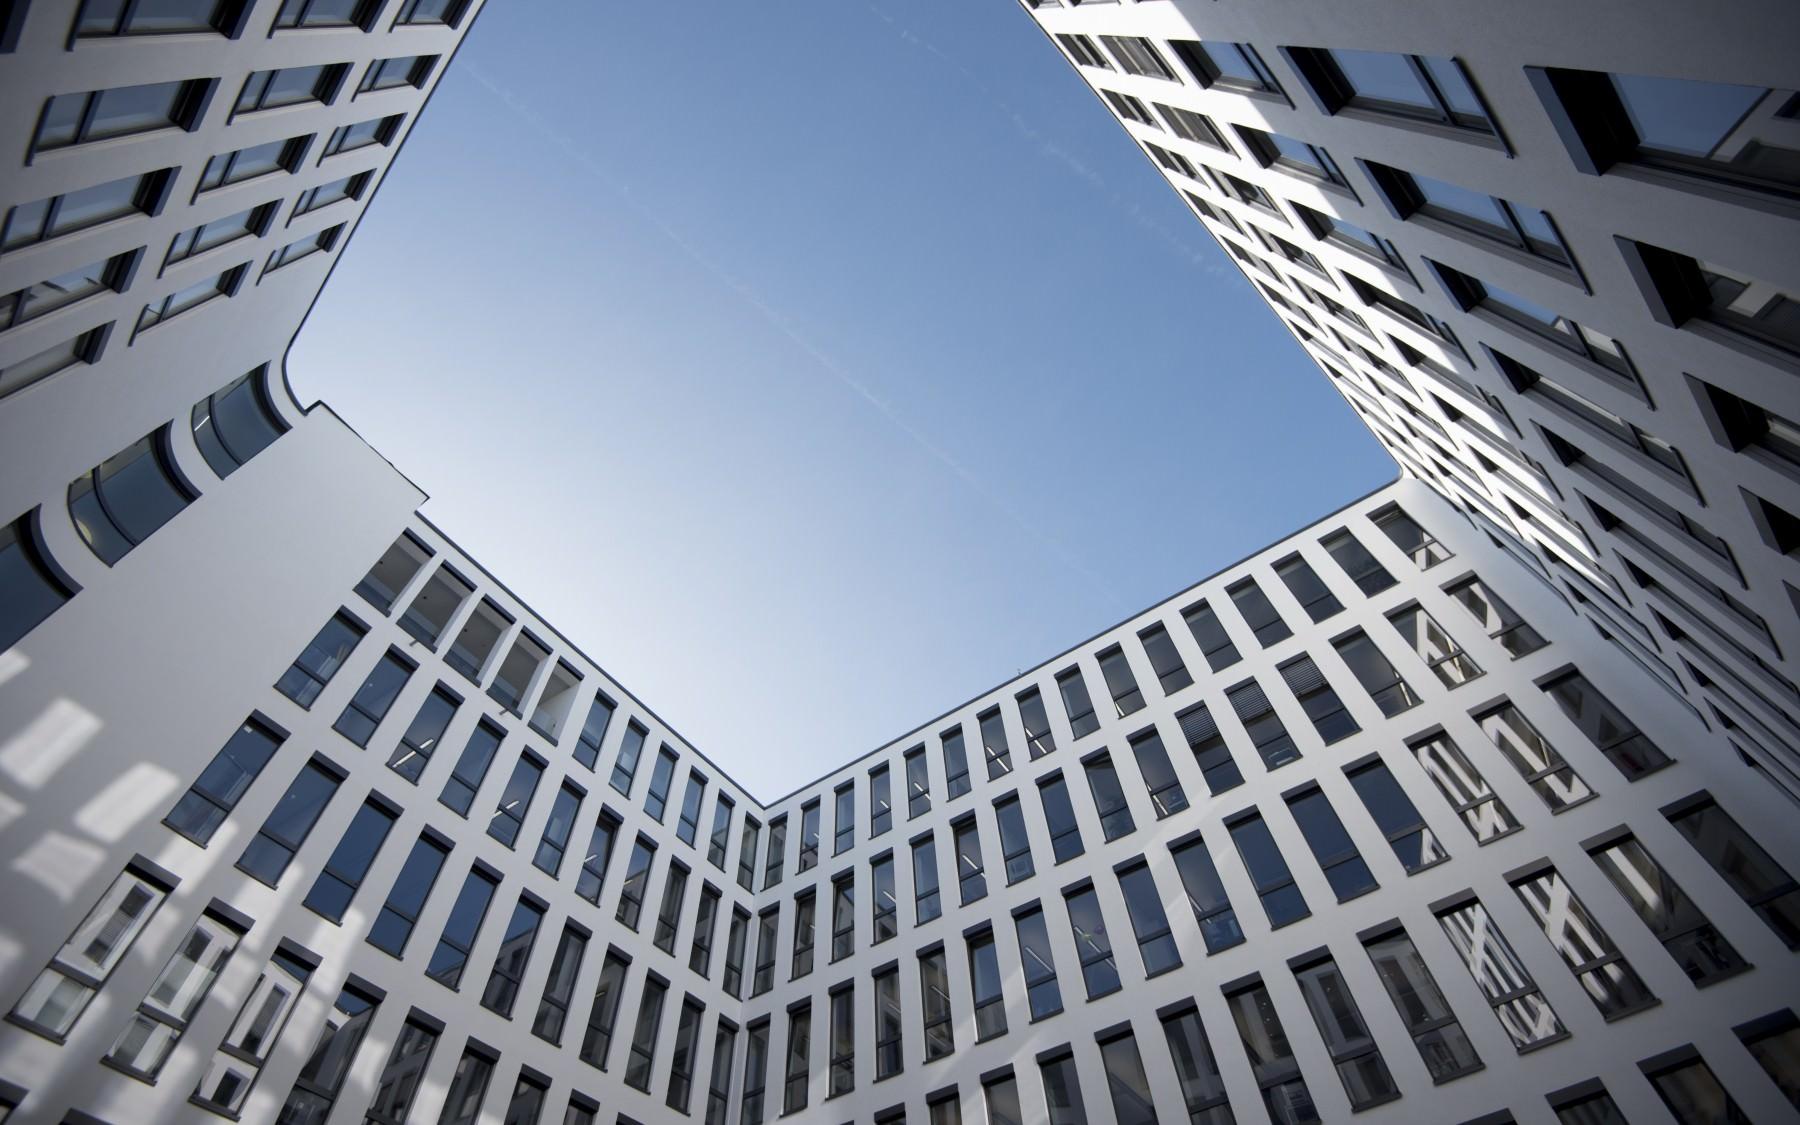 Architekturfotografie fokuspokus workshops - Architekturfotografie hannover ...